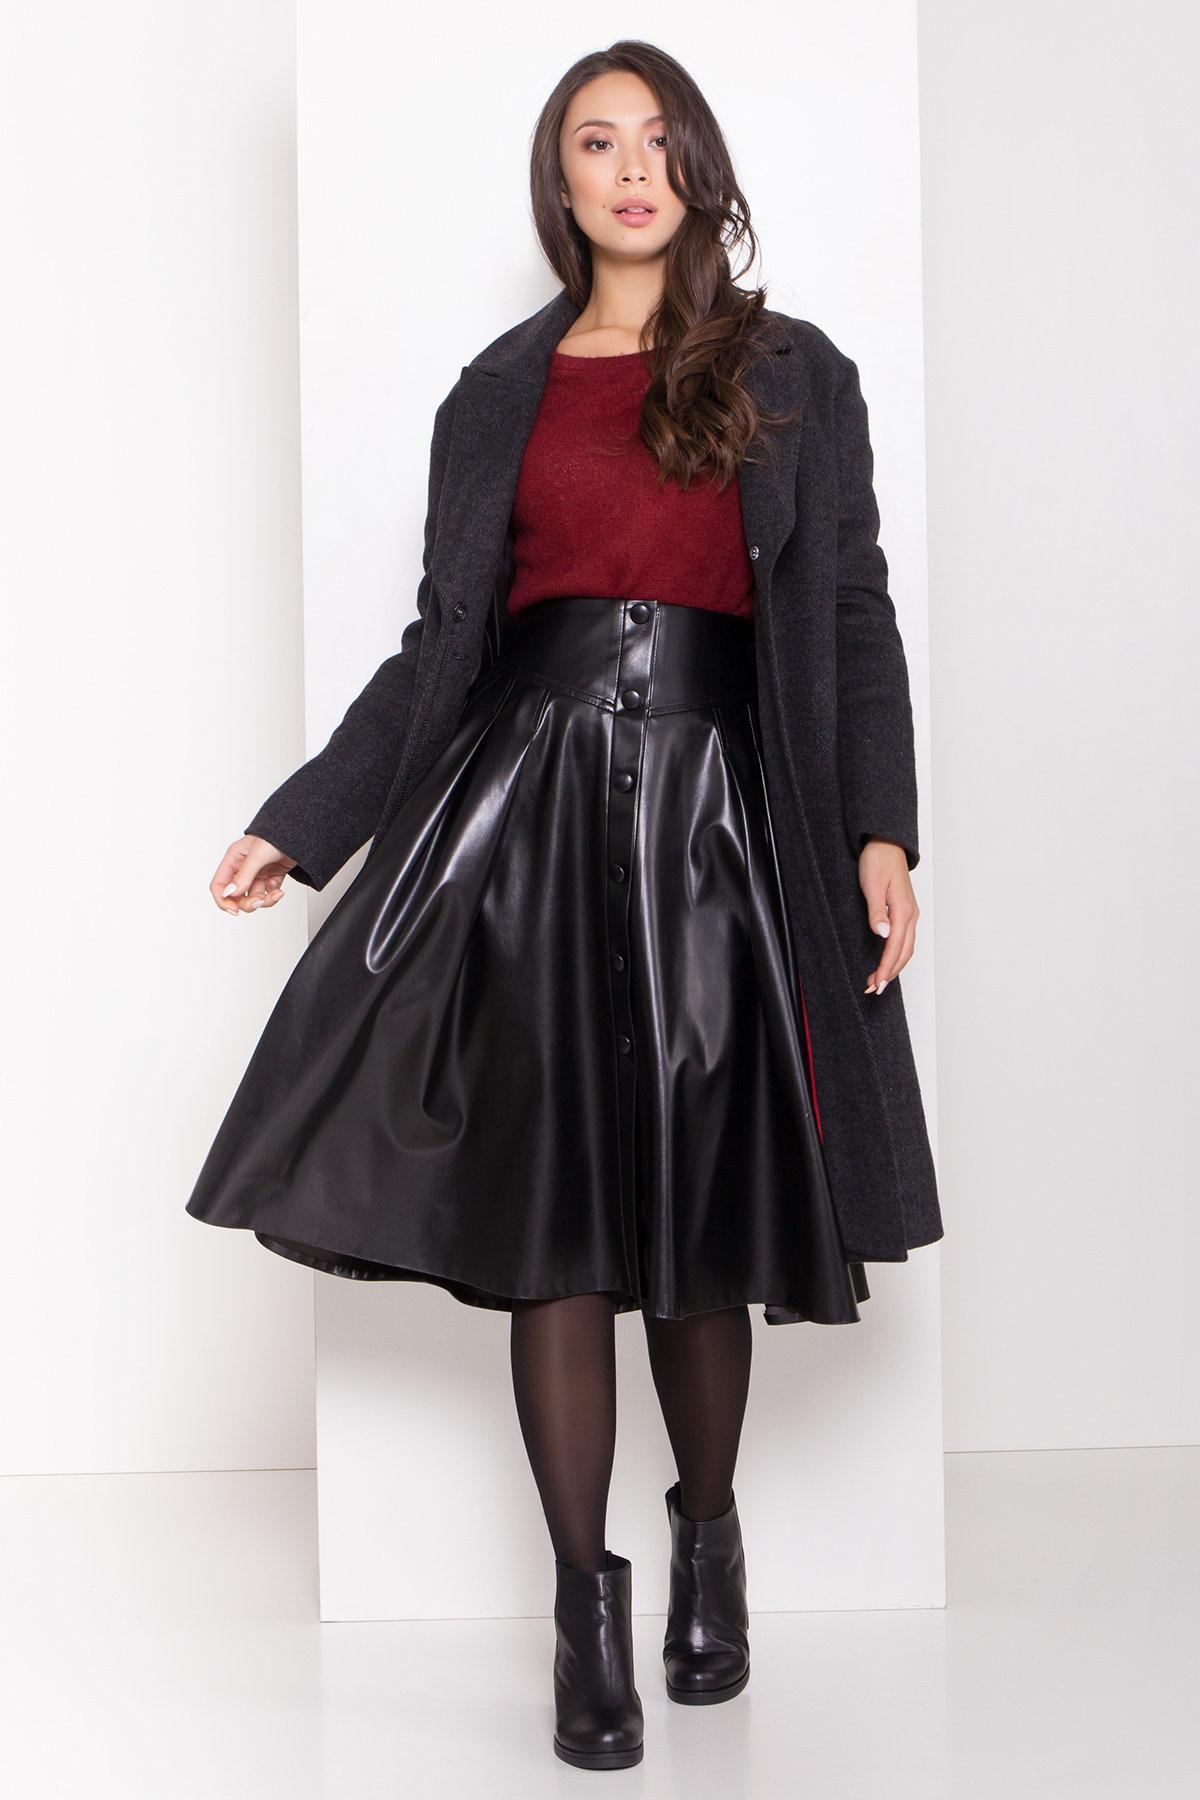 Зимнее пальто полуприталенного кроя Севен 8262 АРТ. 44329 Цвет: Чёрный/молоко - фото 1, интернет магазин tm-modus.ru